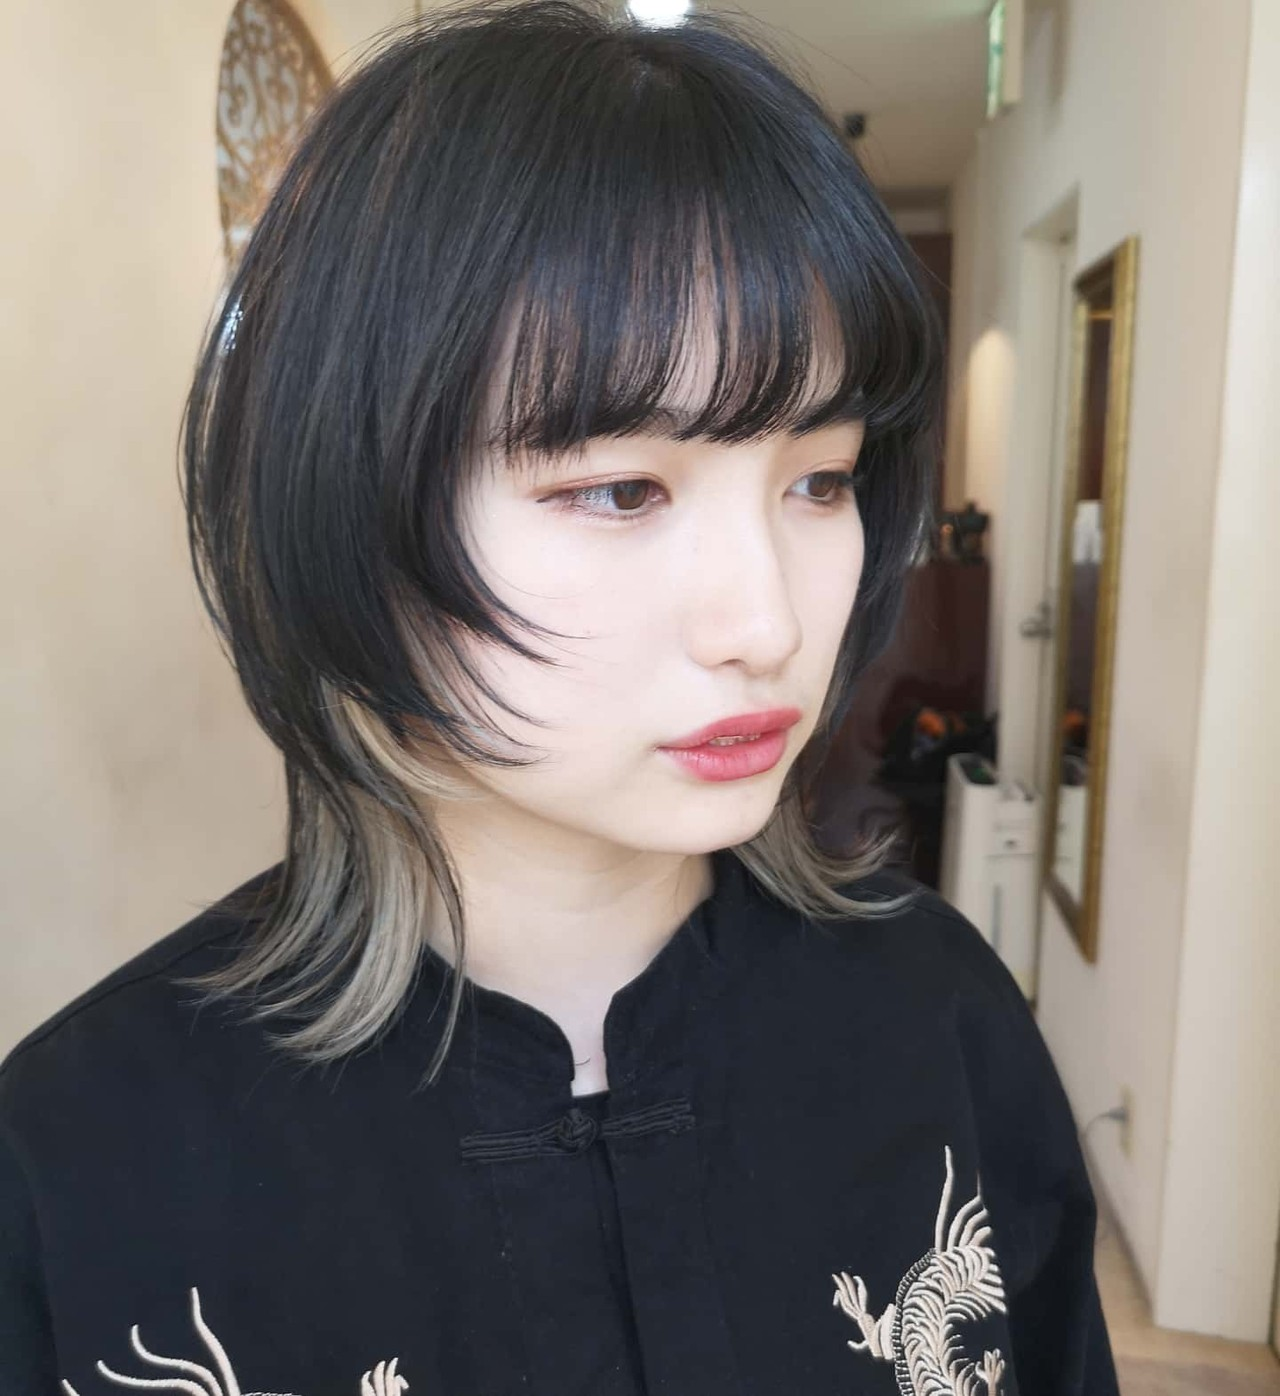 ミディアム ウルフレイヤー マッシュウルフ ウルフ ヘアスタイルや髪型の写真・画像 | Yusuke Matsumoto / HAIR'S Lunetta 心斎橋